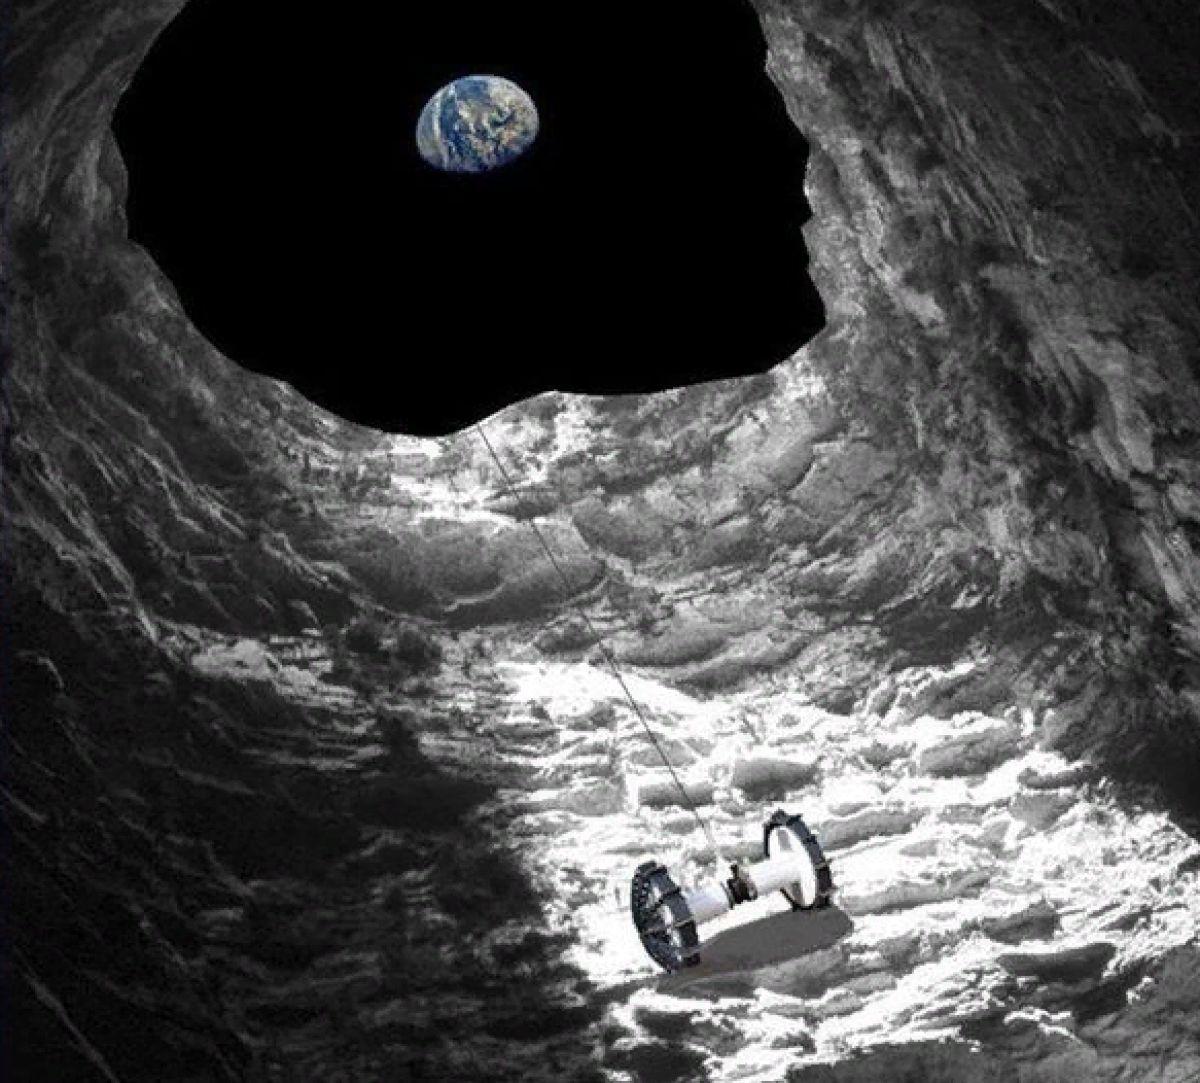 В NASA рассказали о готовящейся отправке вездехода Axel Rover на Луну